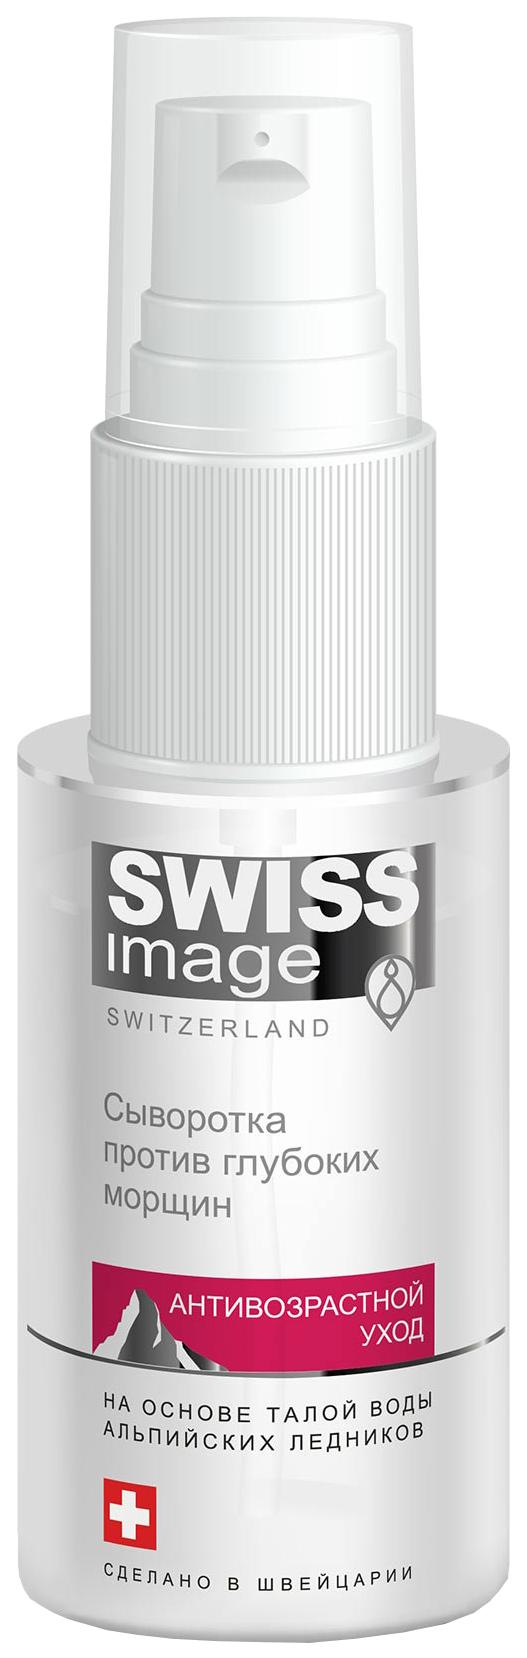 Сыворотка для лица SWISS image АНТИВОЗРАСТНОЙ УХОД Против глубоких морщин 270 мл